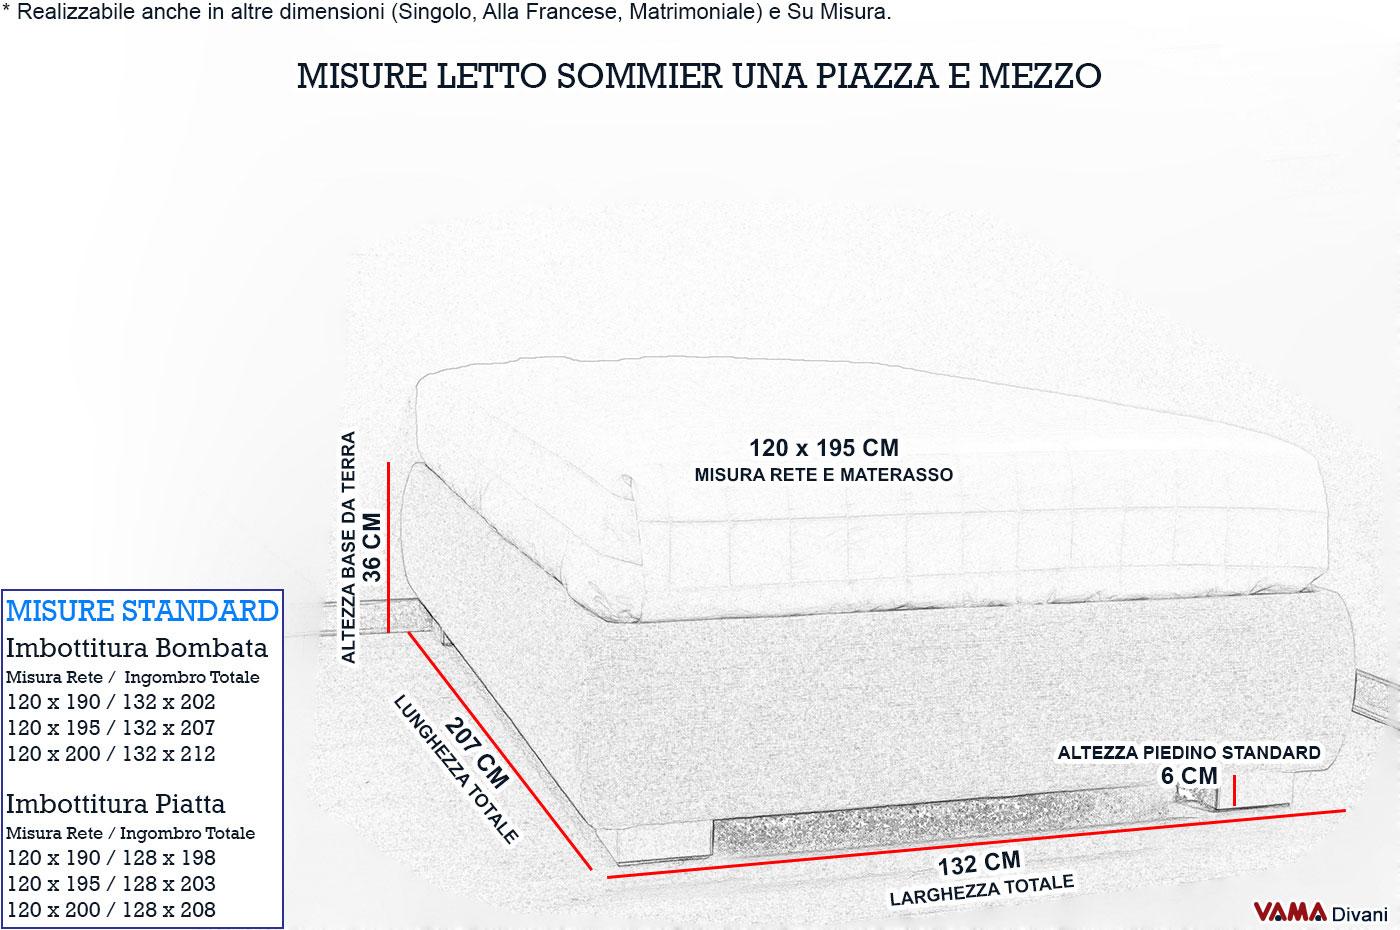 Quanto misura un letto a una piazza e mezza - Letto una piazza e mezzo misure ...